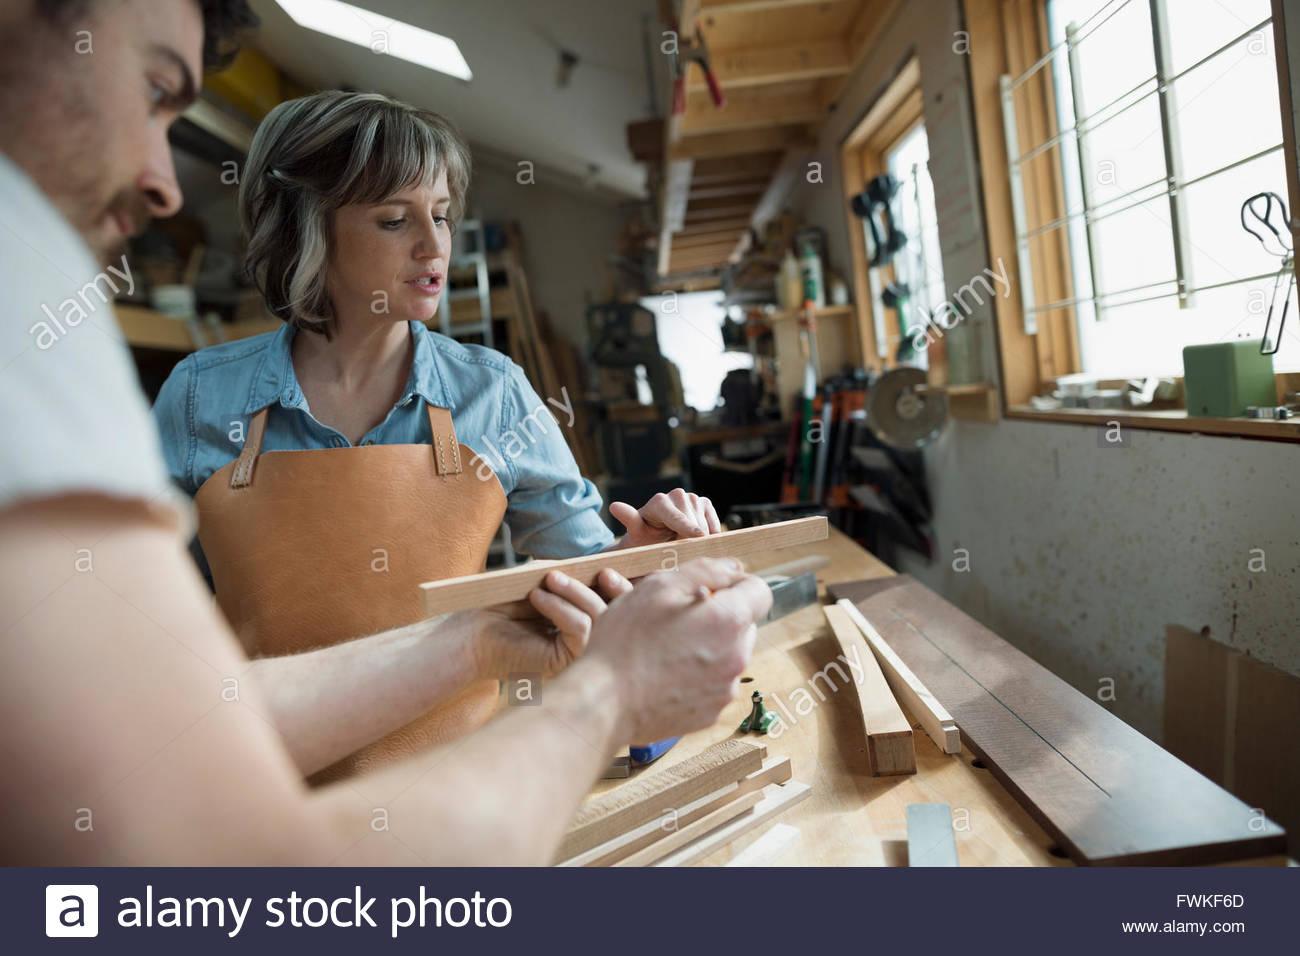 Tischler Prüfung Holz Stück in Werkstatt Stockfoto